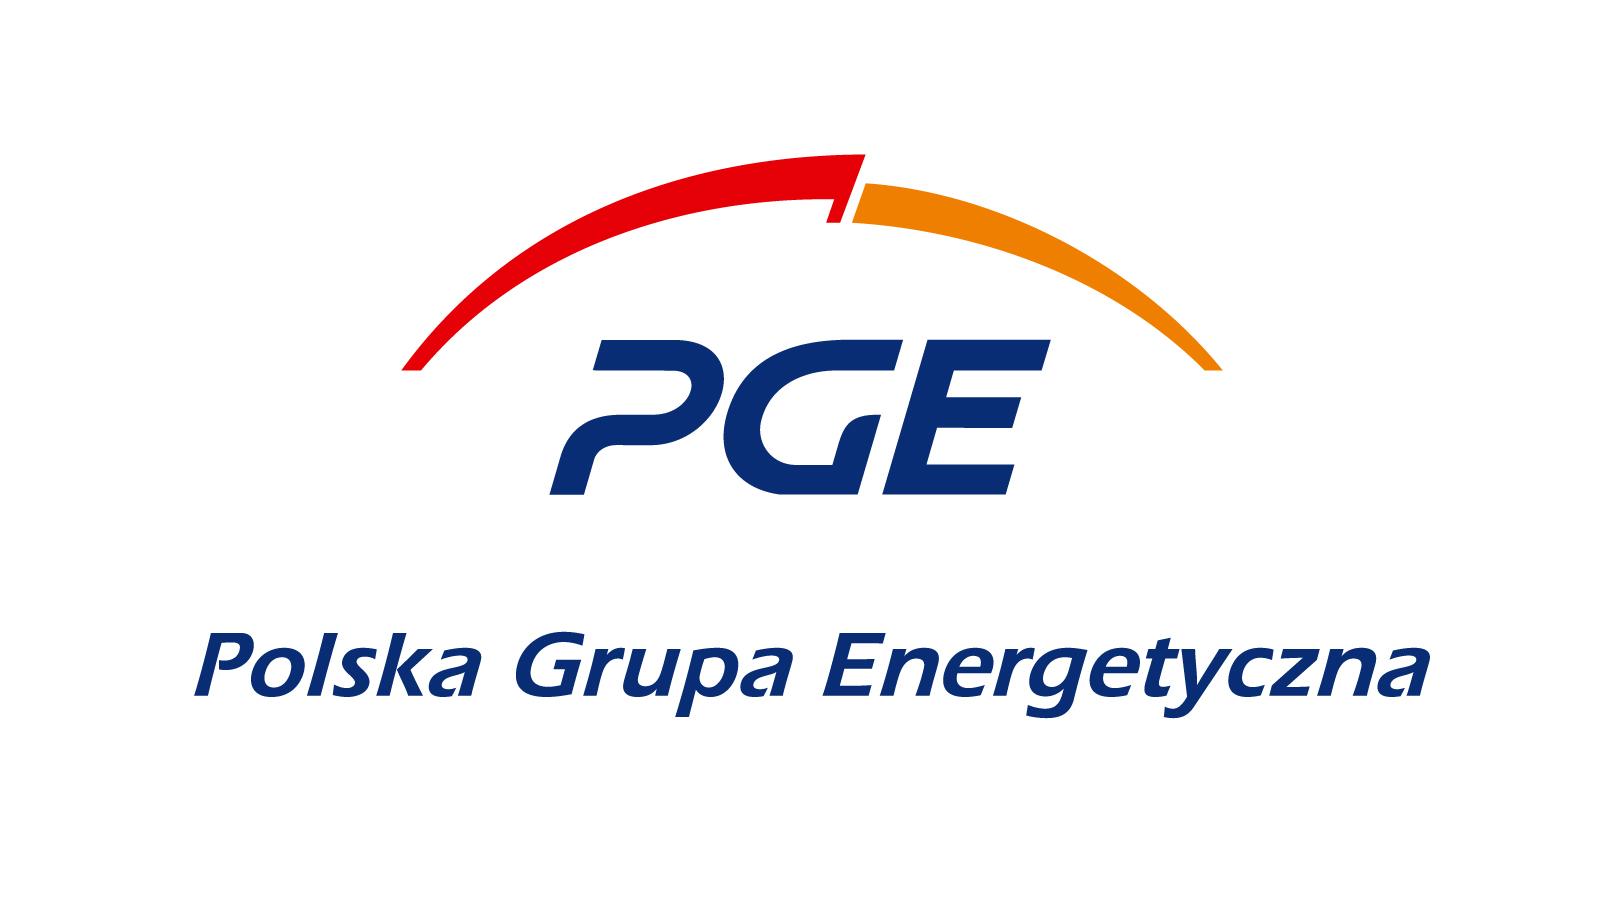 Výstavba první polské jaderné elektrárny se zpozdí